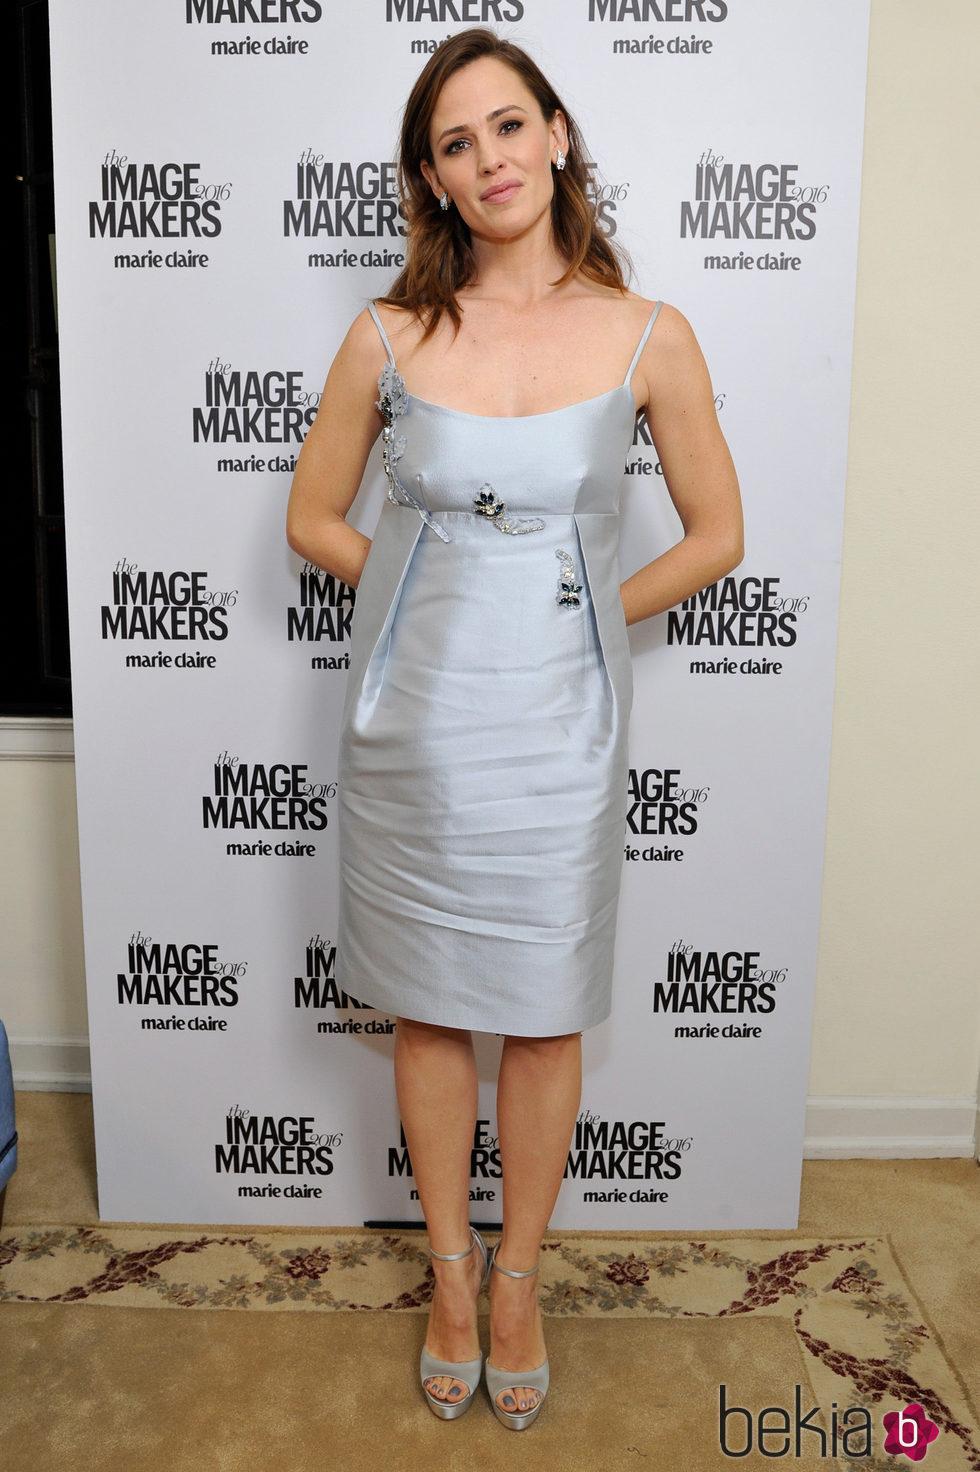 Jennifer Garner en los Premios Marie Claire 2016 en Los Angeles